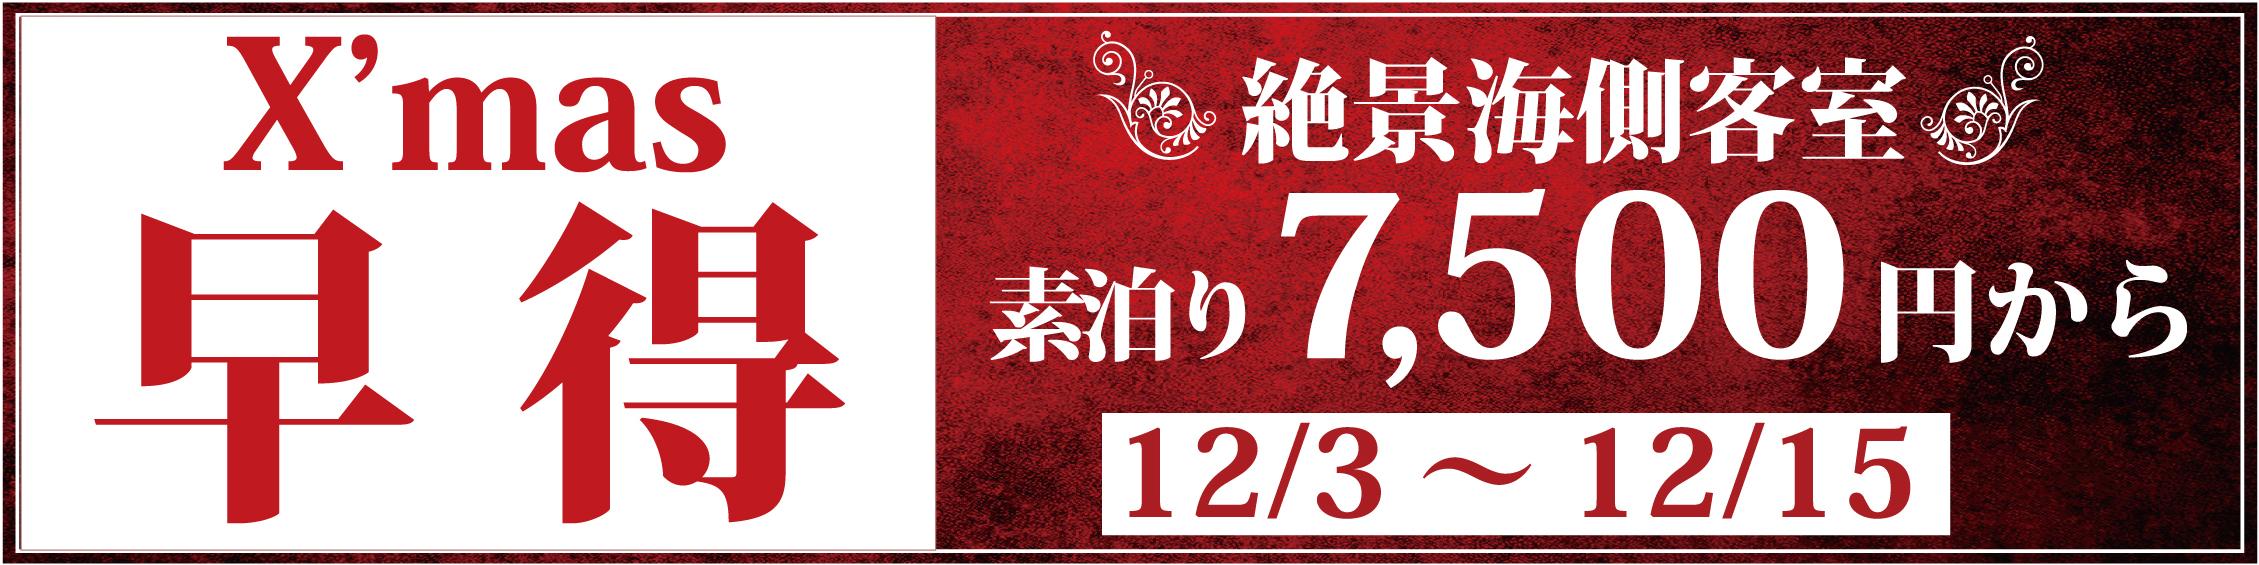 【12月3日~15日、15組限定】最安値に挑戦!露天風呂付客室 クリスマス『早得』プラン